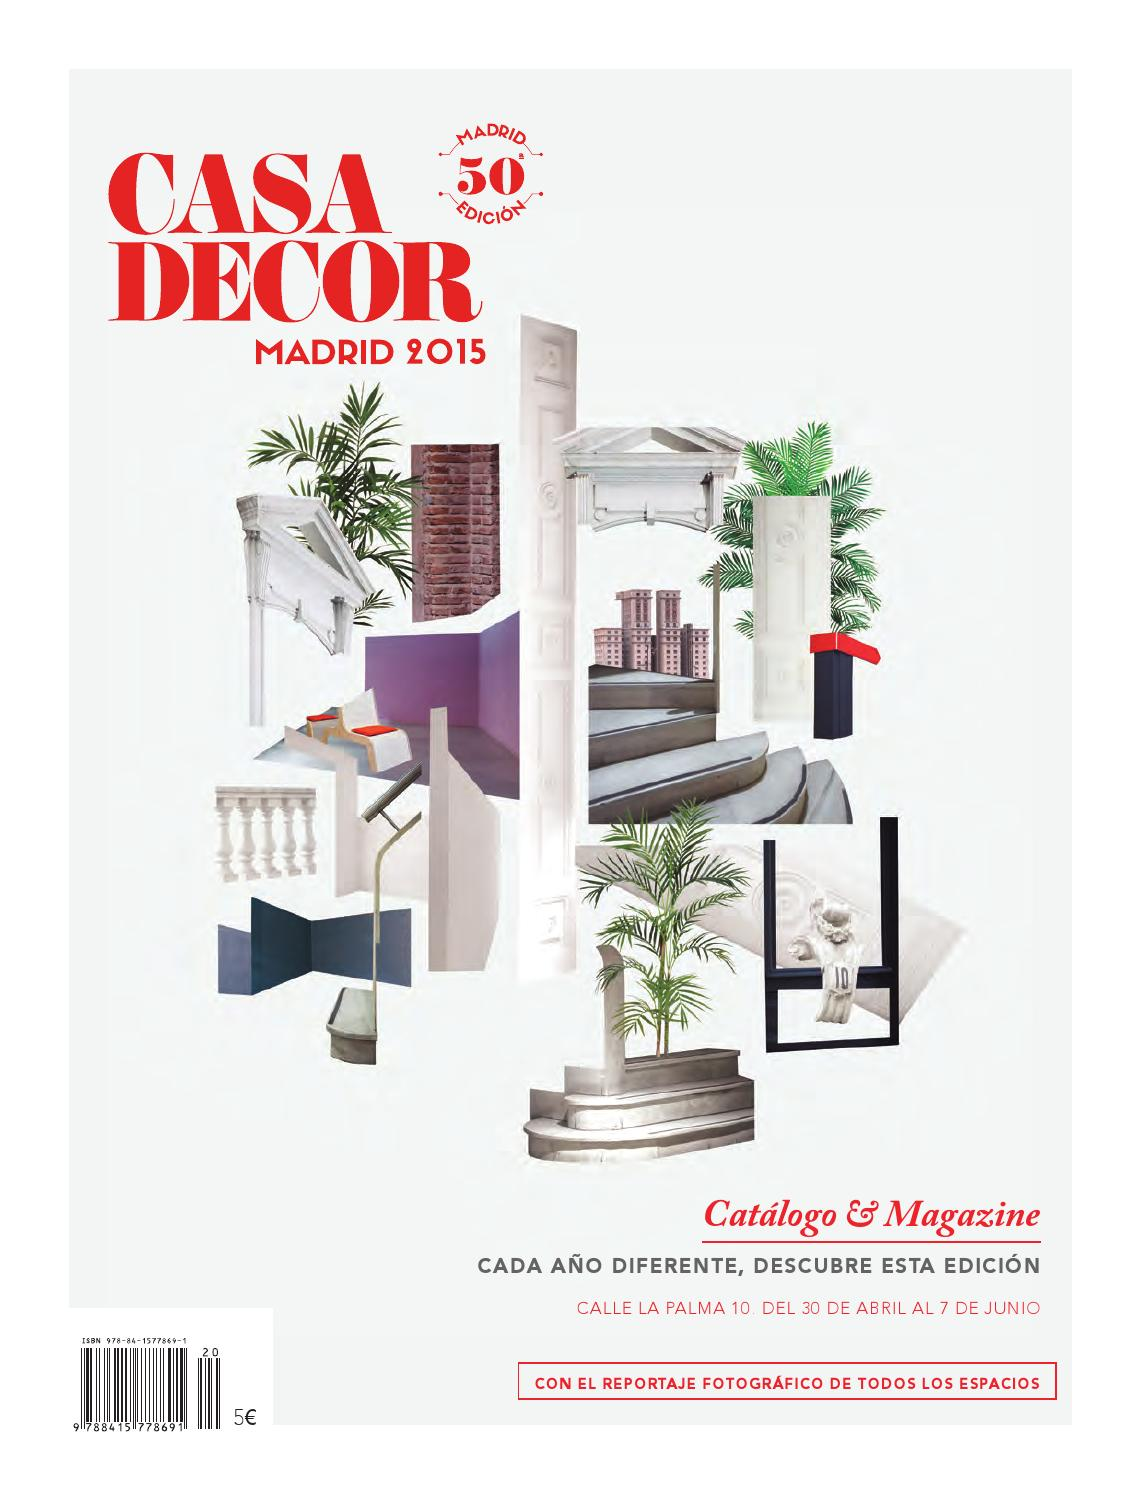 Casa Decor Madrid 2015 by Casa Decor - issuu cf5d2a94ac5af